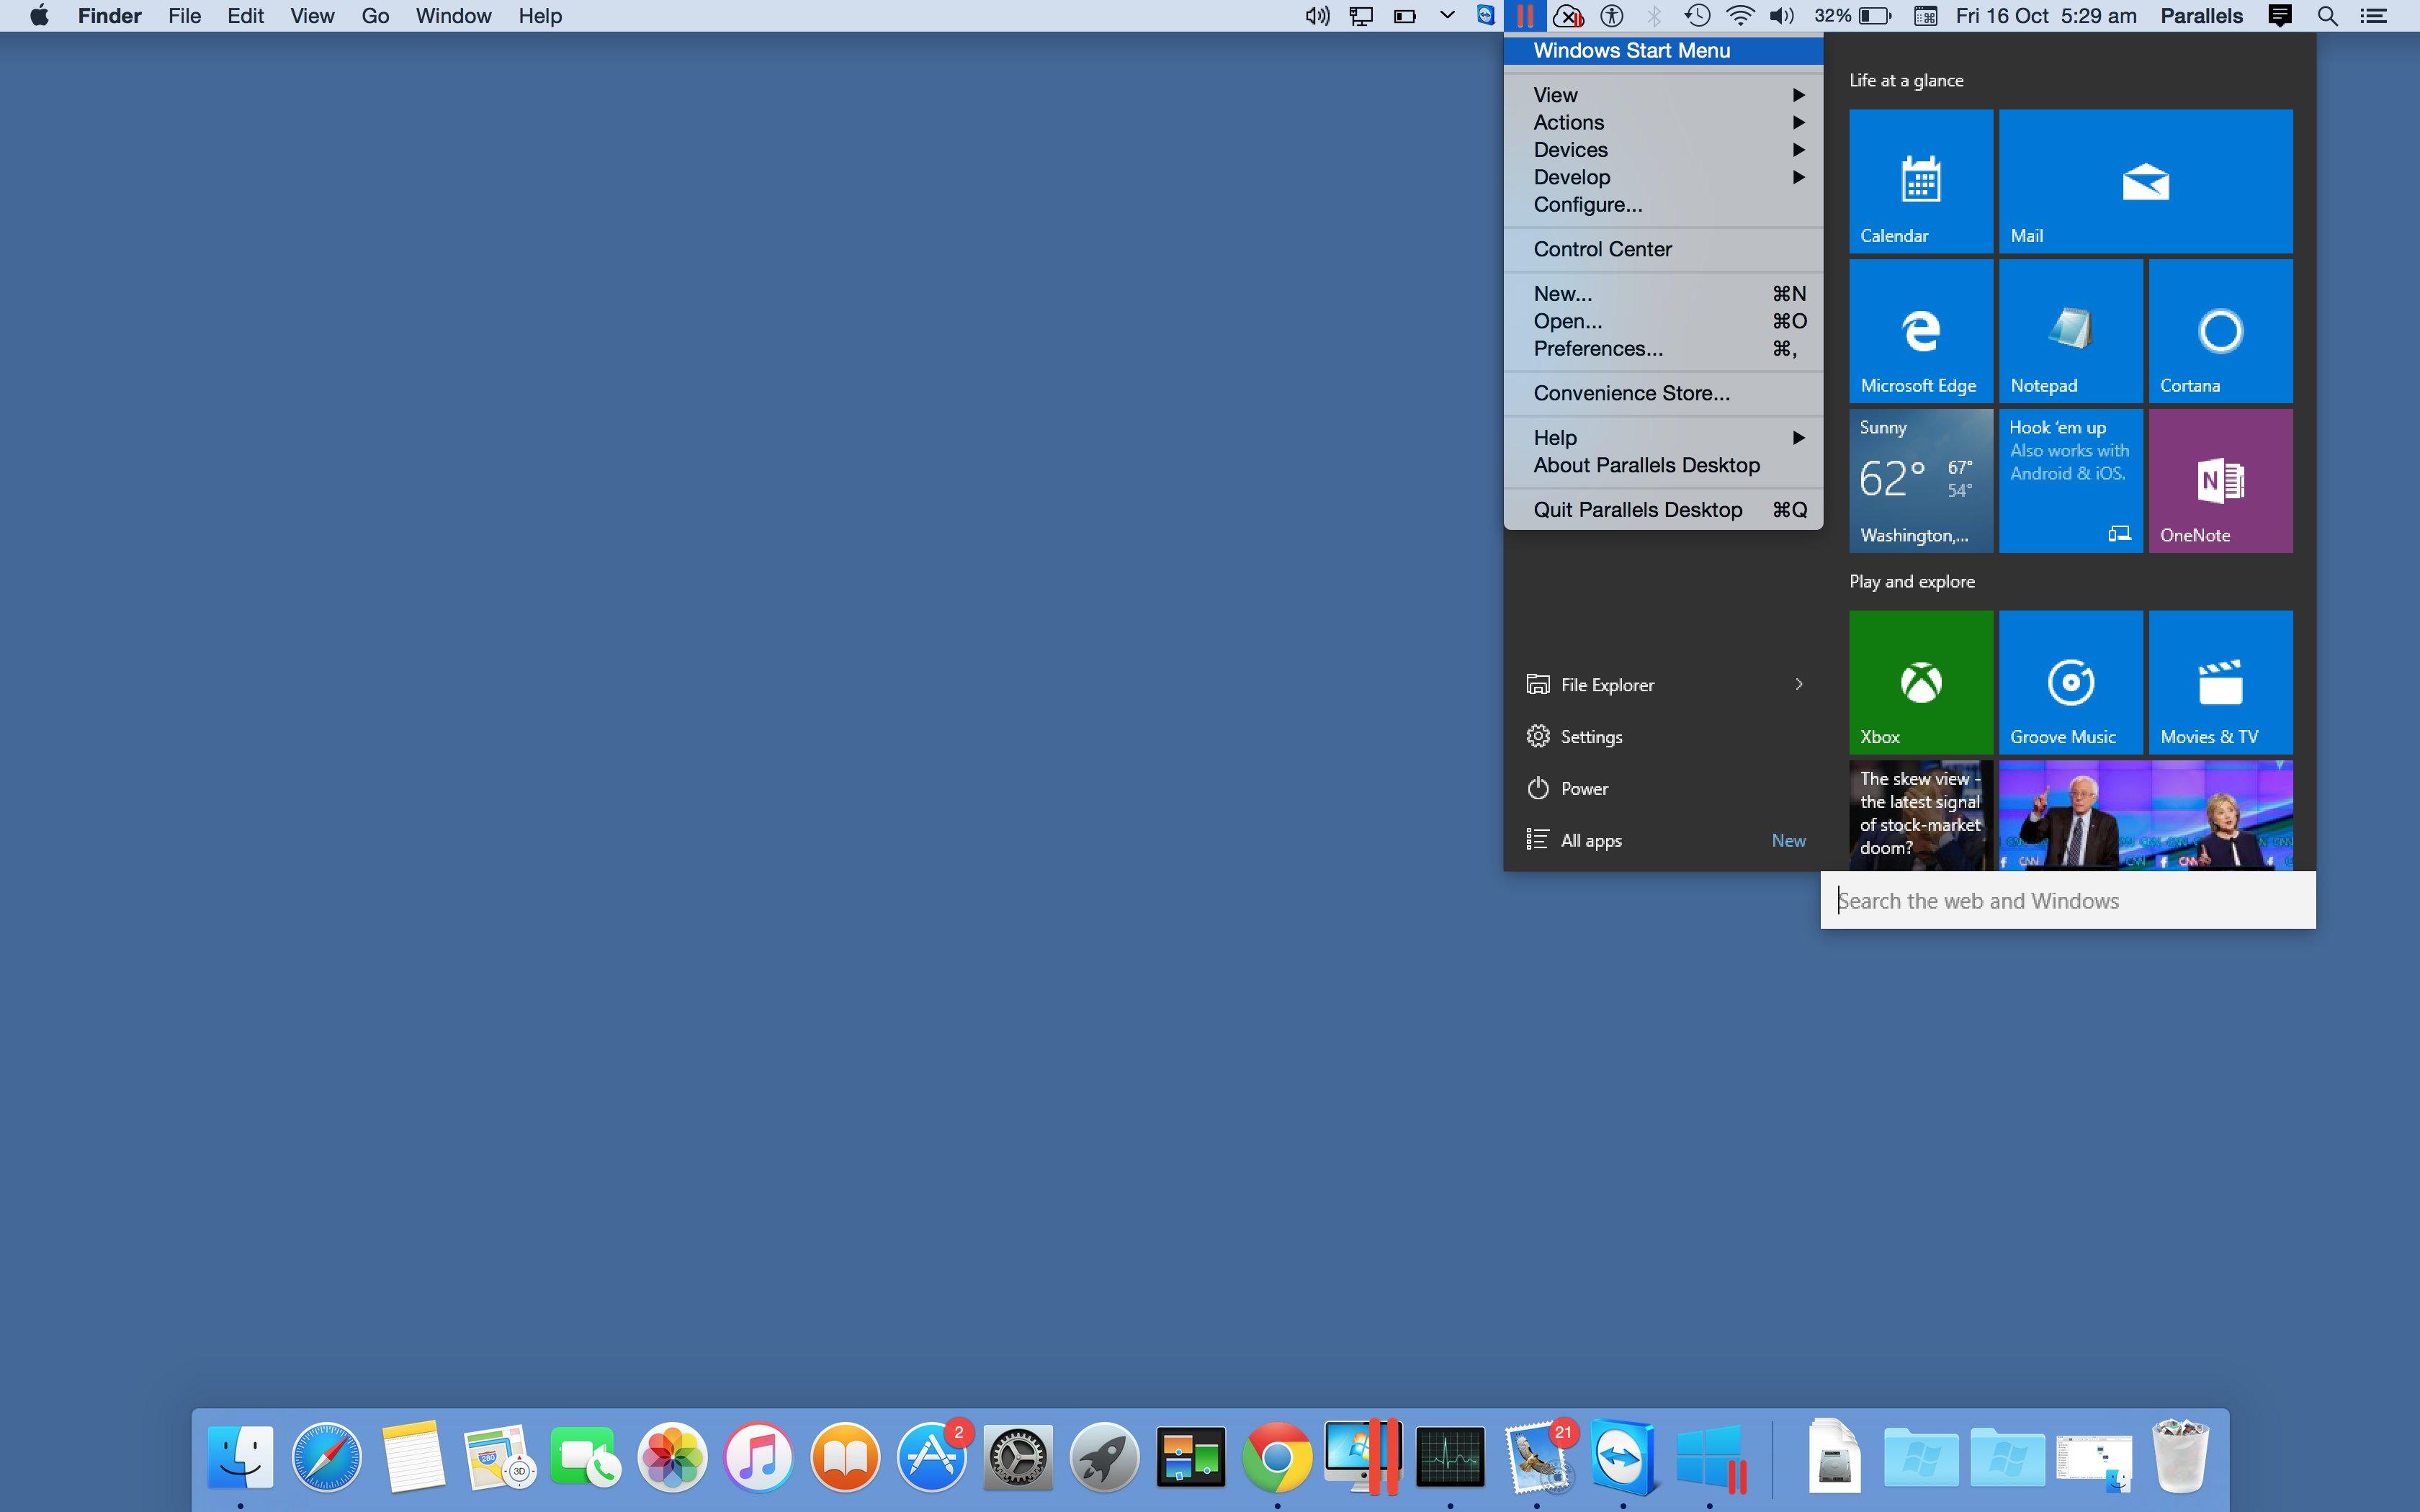 Windows Start Menu in Coherence Mode